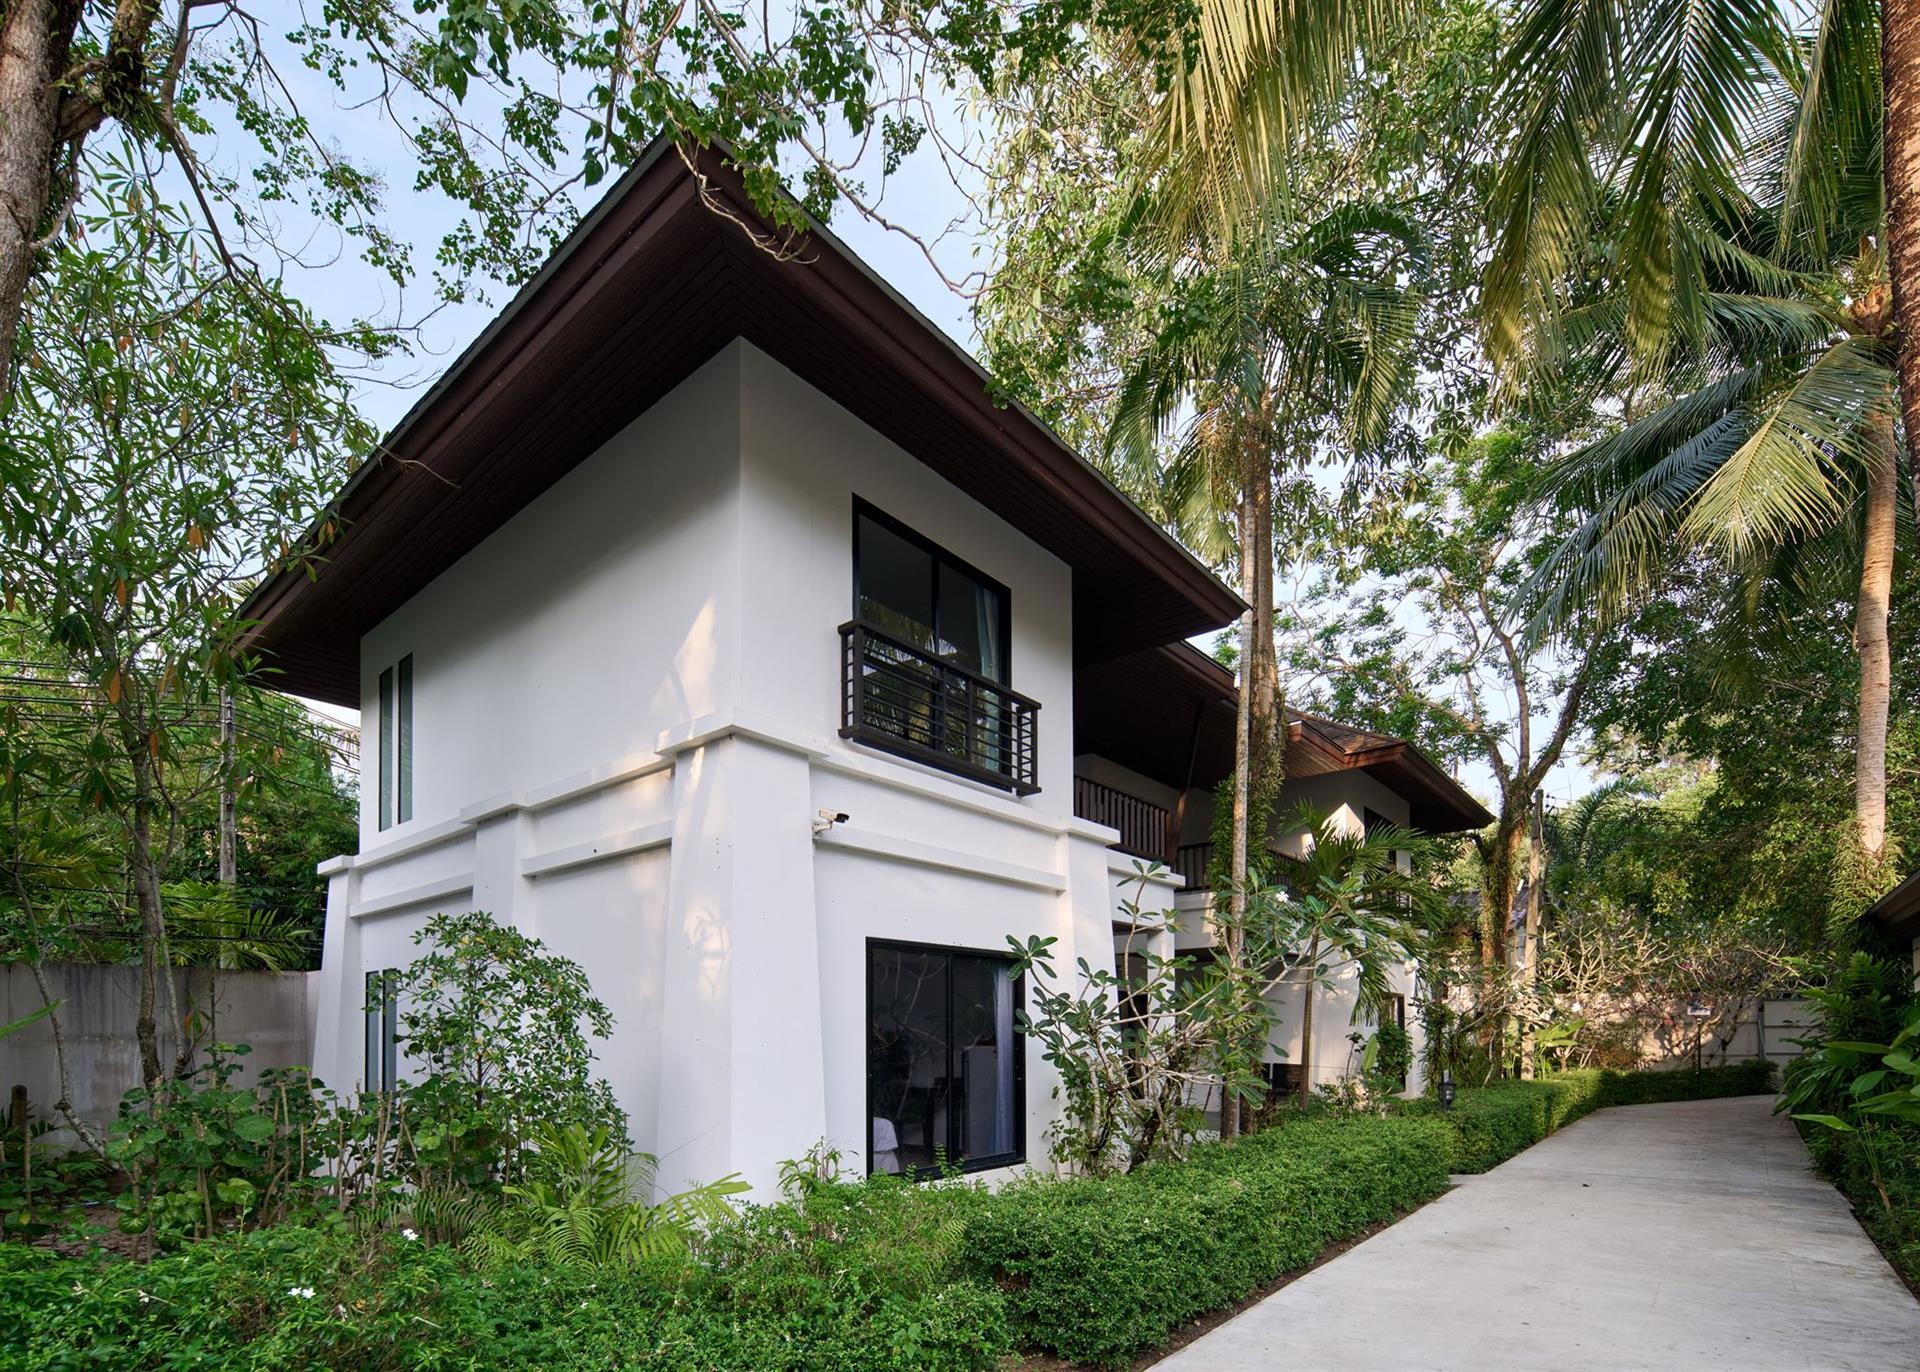 Хороший отель на отличном пляже на Пхукете! таиланд!